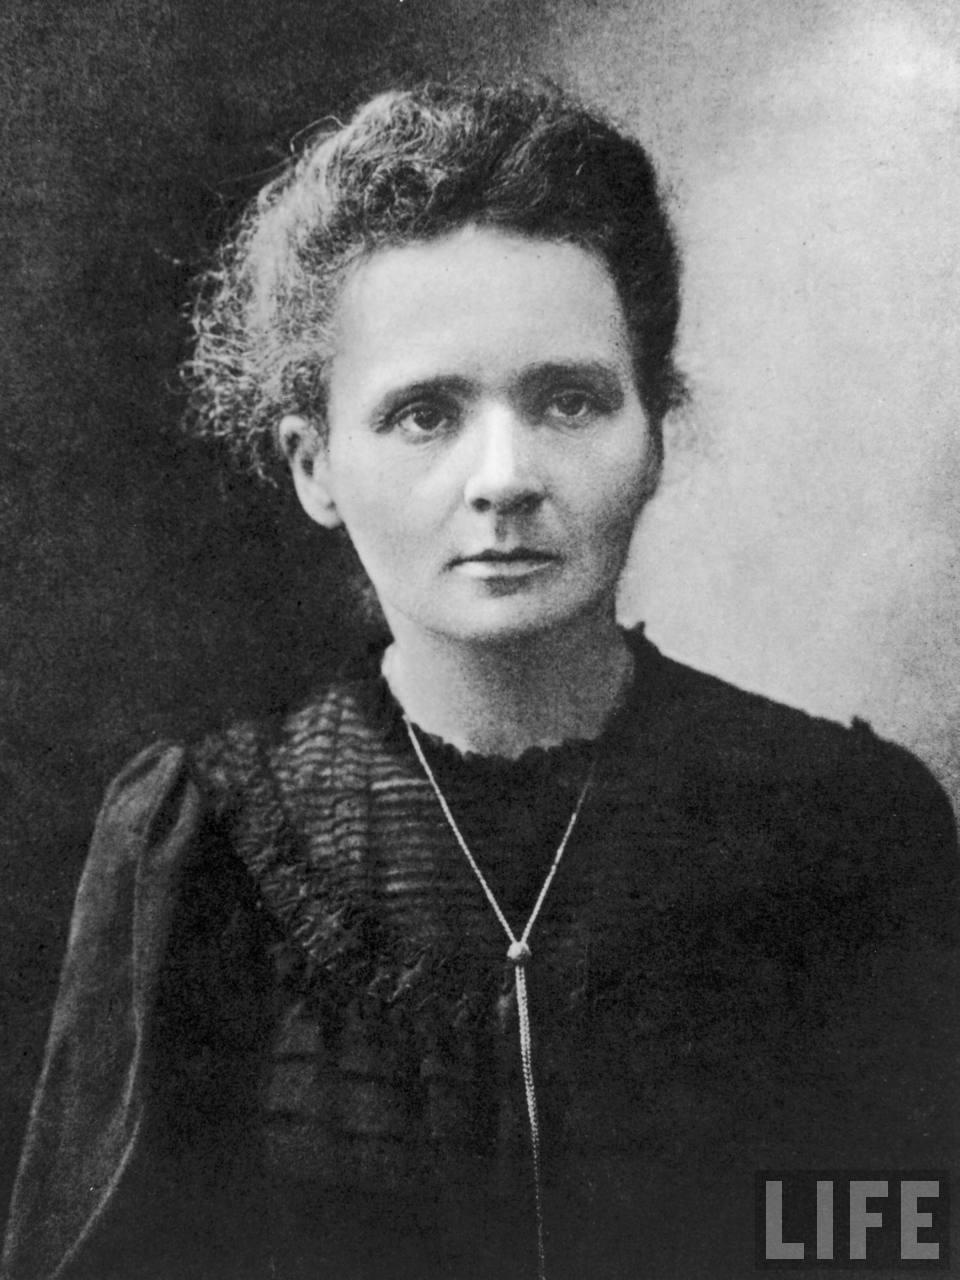 24) Мари Кюри. Кюри была химиком и физиком, и первым человеком, кто получил две Нобелевских премии. Она ввела термин «радиоактивность», стала пионером в использовании лучевой терапии в борьбе с раком и отрыла 2 новых элемента. Эта фотография обычно обрезалась, чтобы в кадр не попал Пьер Кюри – муж знаменитой ученой. Дата и фотограф: неизвестны.